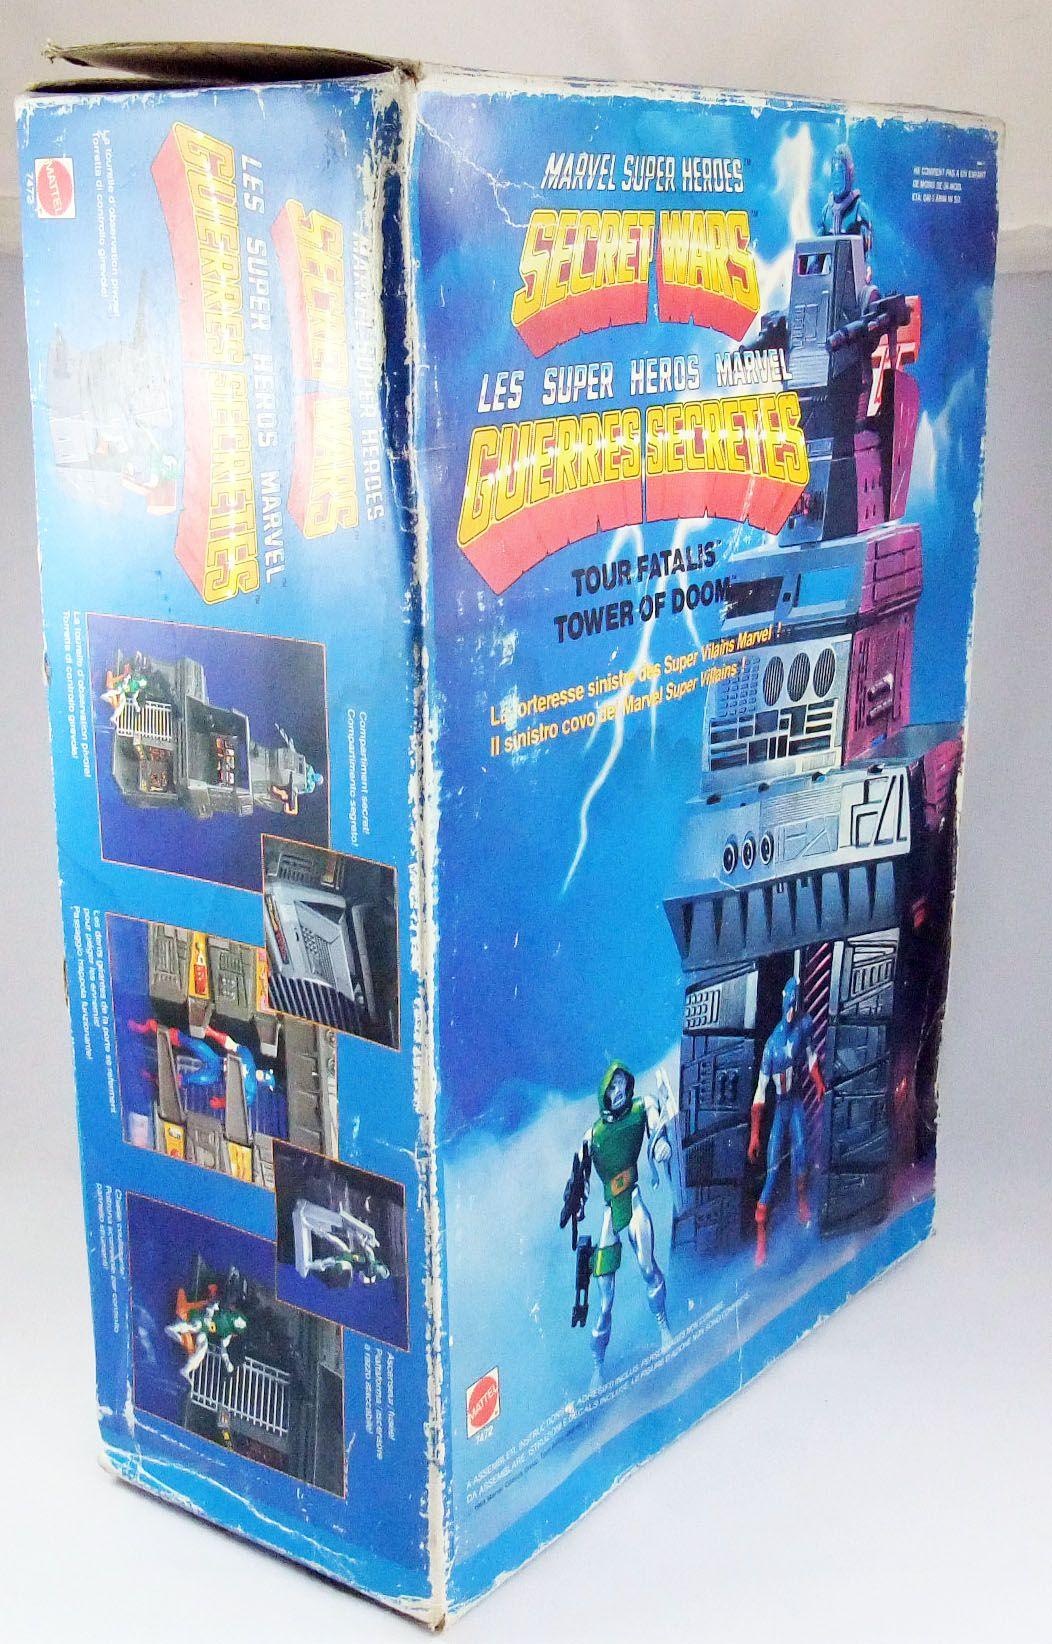 Marvel Guerres Secrètes - Tower of Doom / Tour Fatalis (neuf en boite) - Mattel